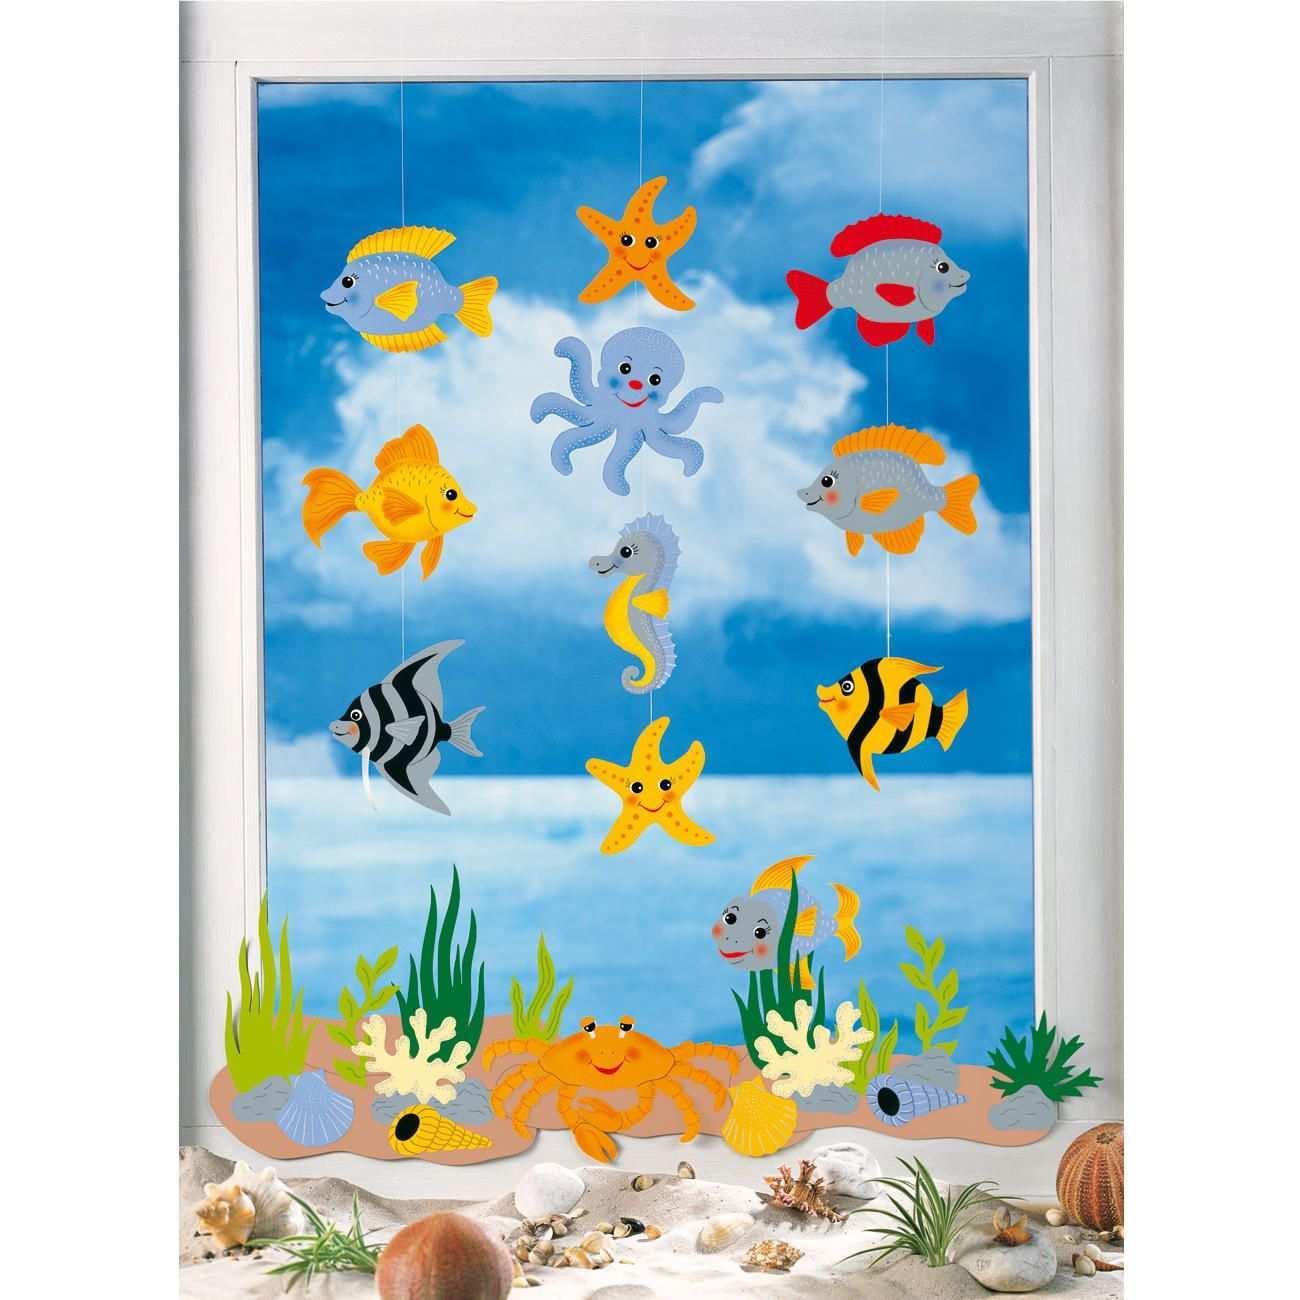 Mobile Meerestiere Mobile Aus Tonpapier Als Komplettpackung Viel Gunstiger Als Einzelmaterialien Komplett Basteln Fensterbilder Basteln Fische Basteln